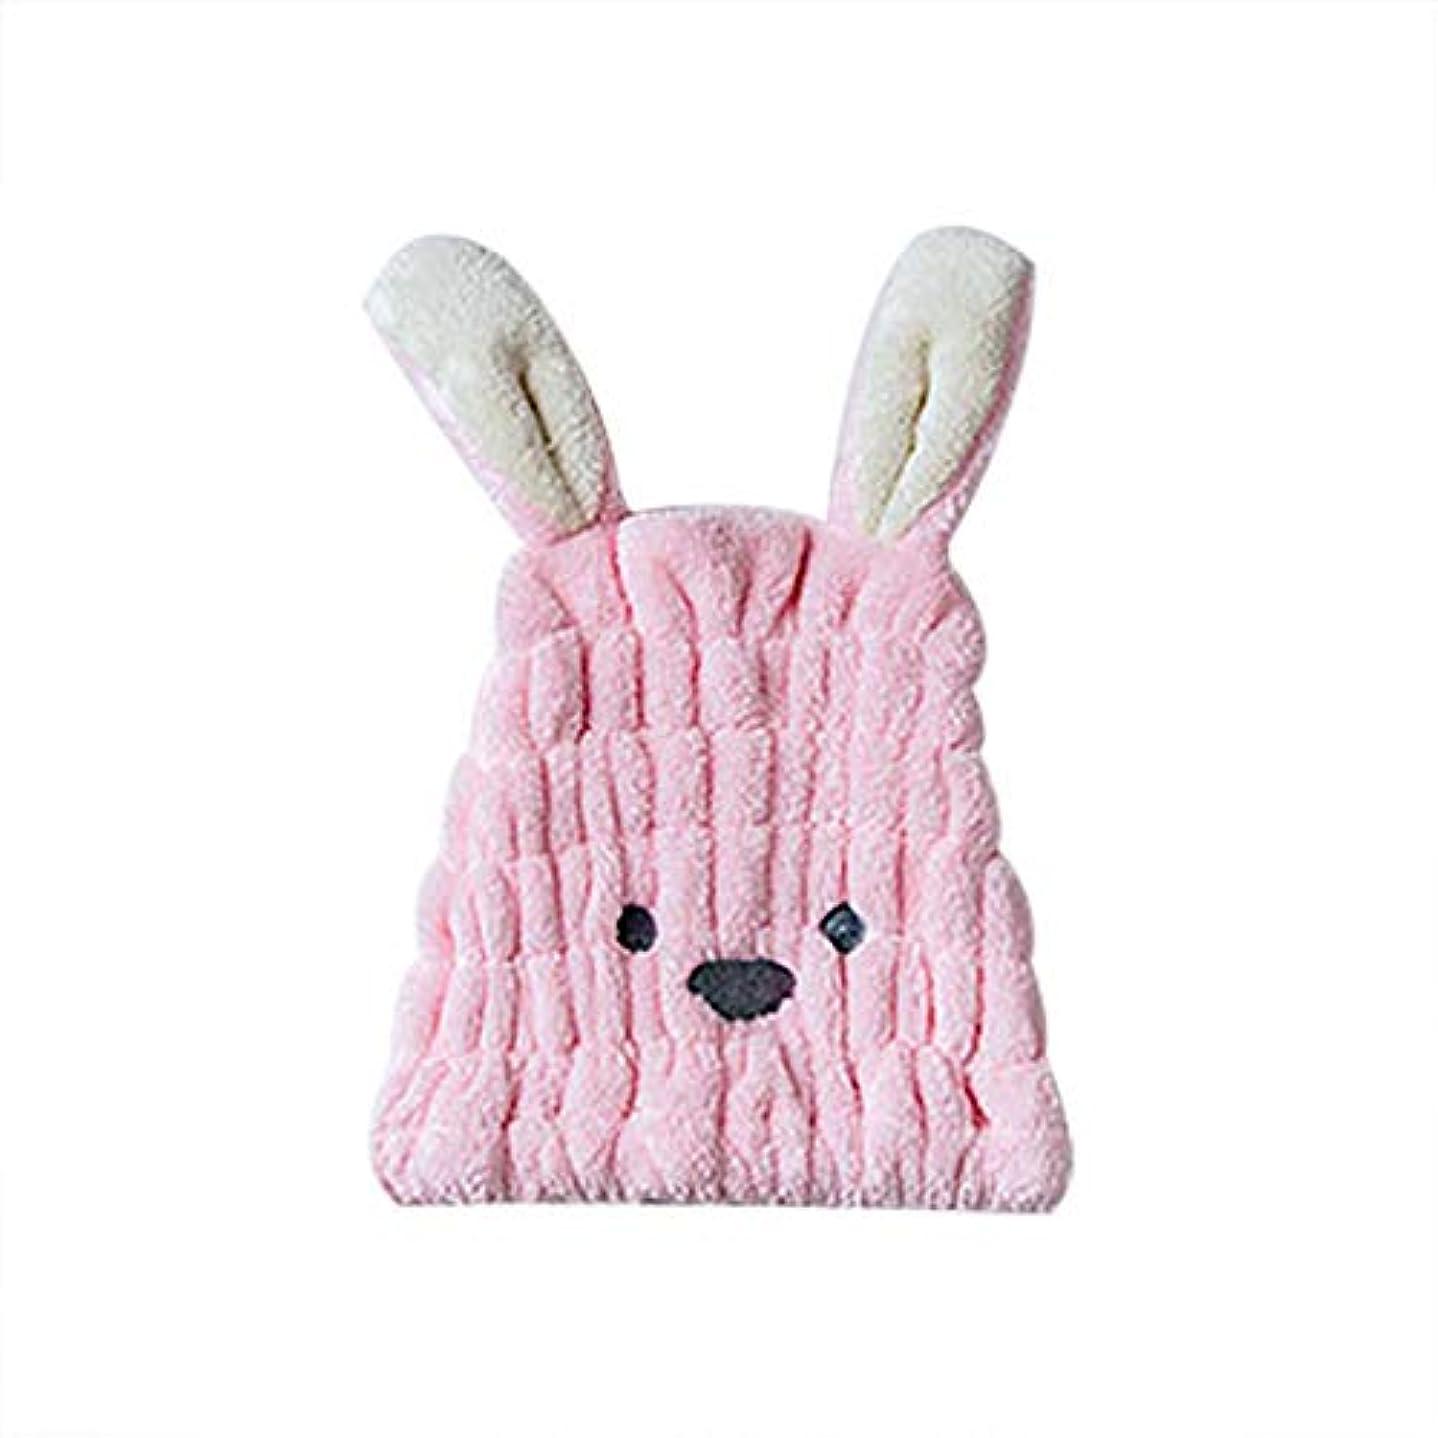 有彩色の祖母ピクニックボコダダ(Vocodada)タオルキャップ ヘアキャップ 吸水 ヘアドライタオル 速乾 ヘア 乾燥 タオル 帽子 キャップ 風呂 ふわふわ 可愛い ウサギ 長い耳 コーラルフリース 25x30cm (ピンク)